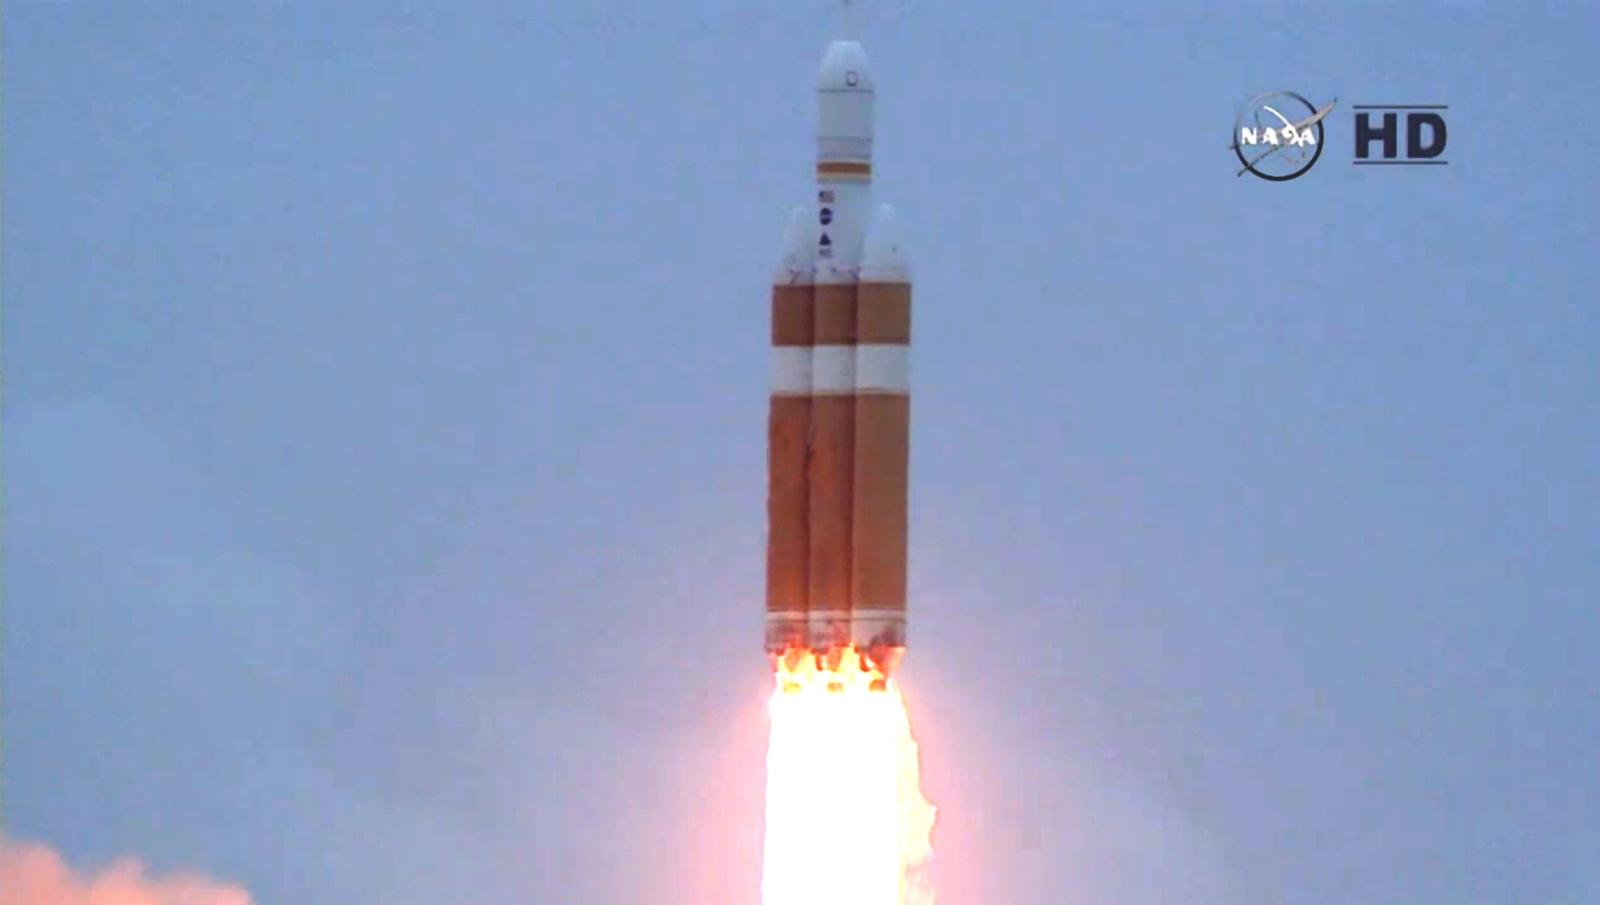 nasa launch failures from air - photo #25